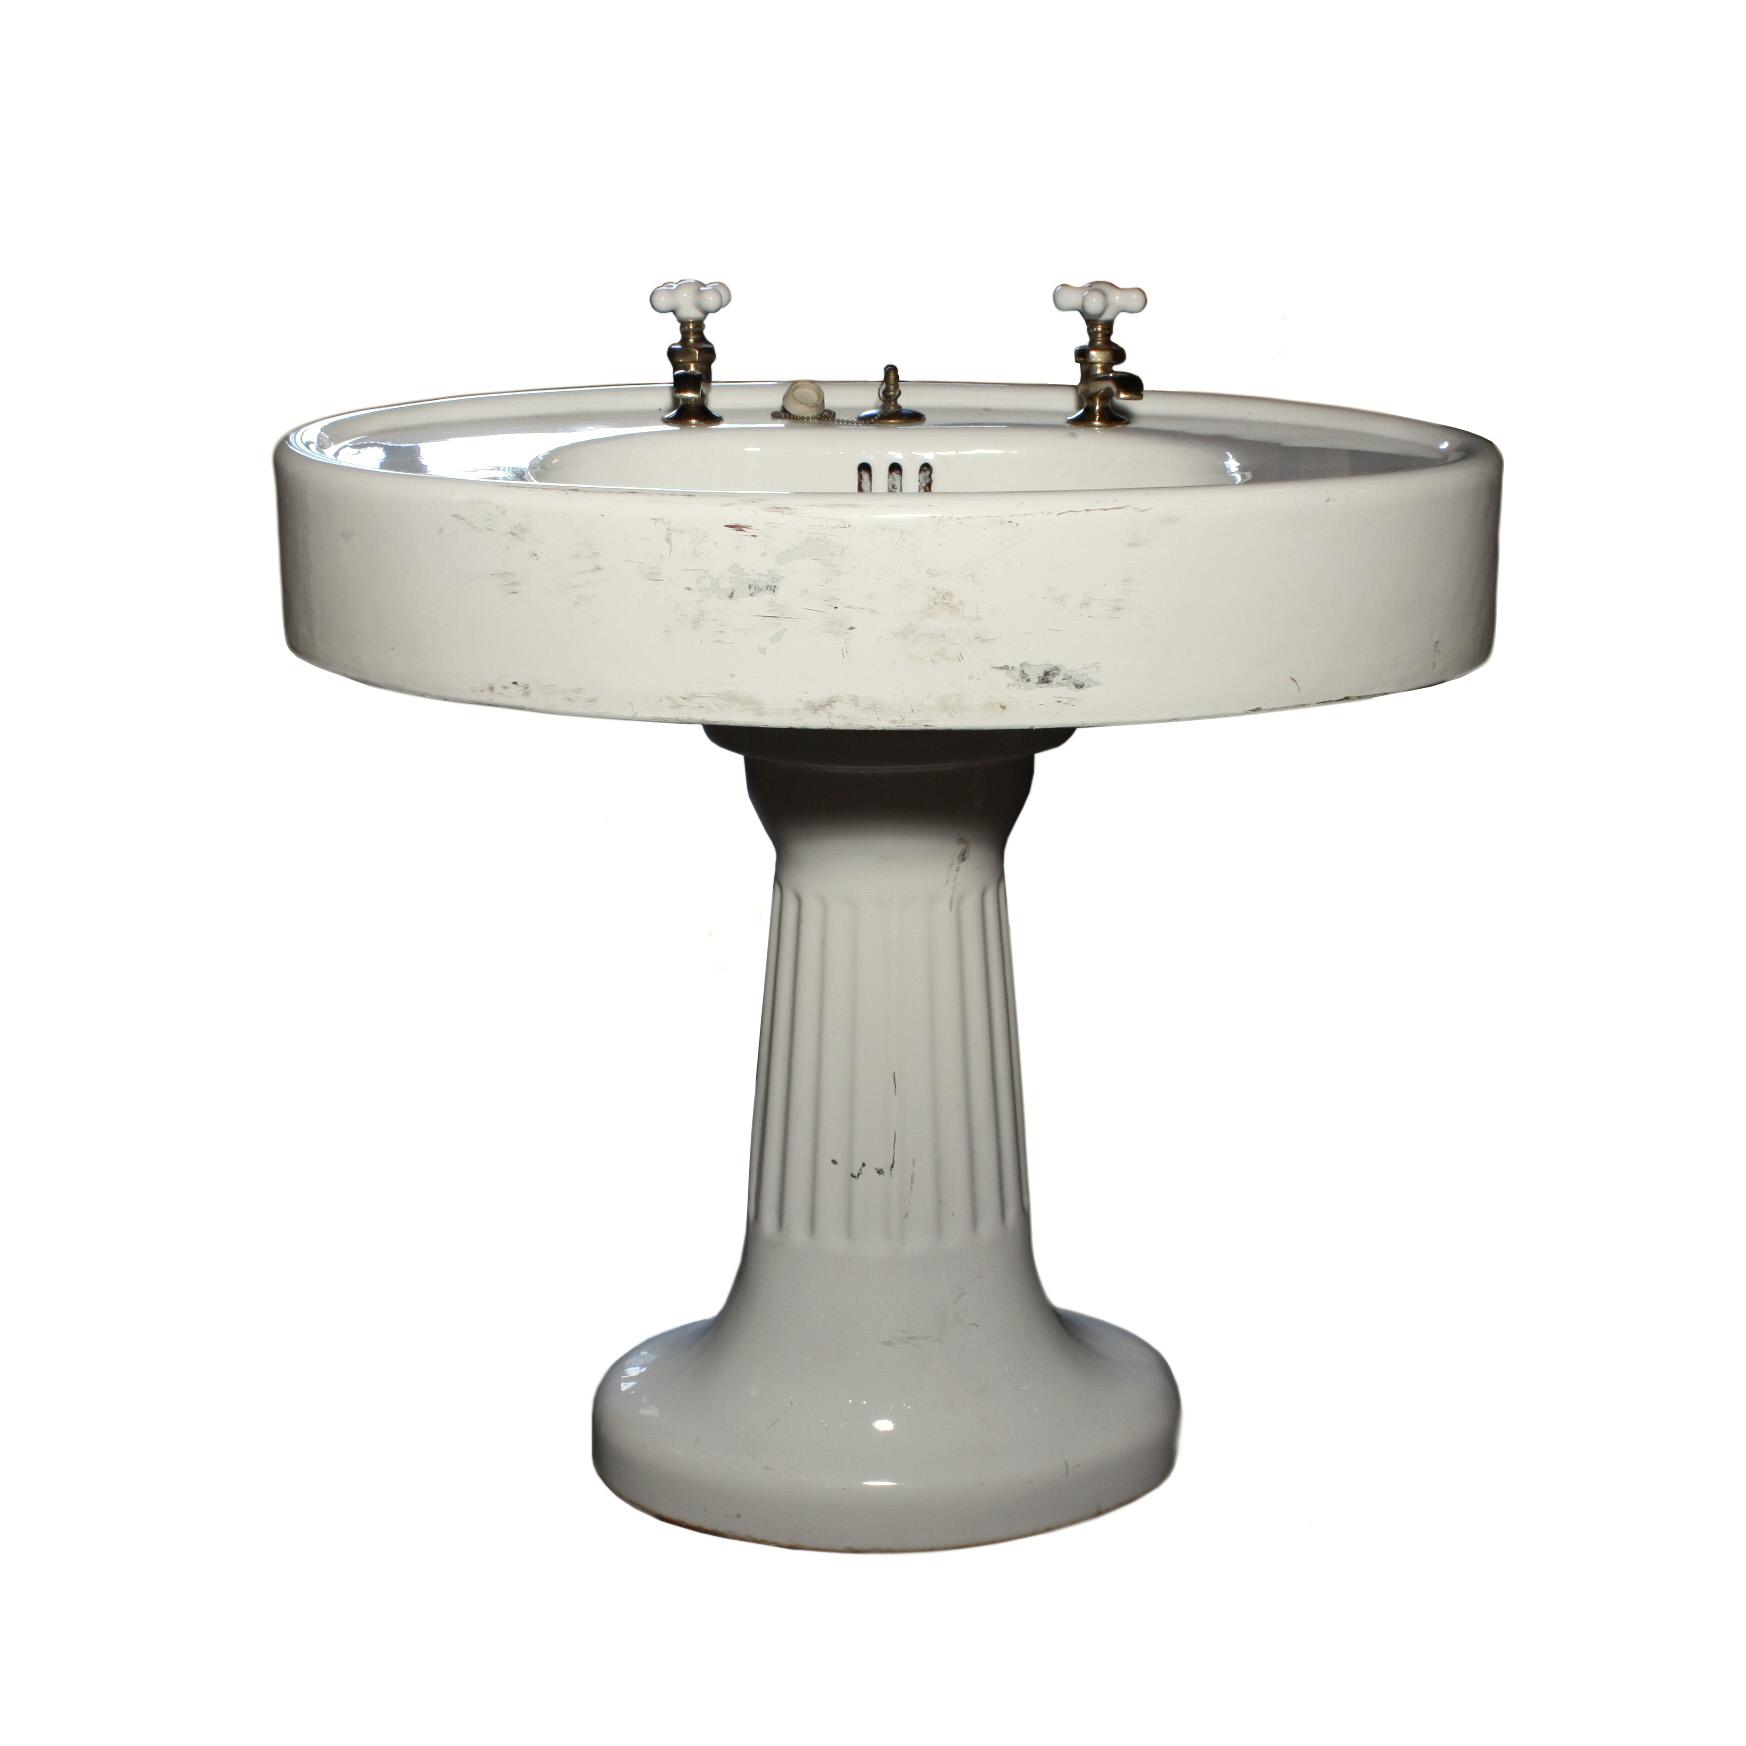 Remarkable Antique Porcelain Pedestal Sink c1910 NSK3RW